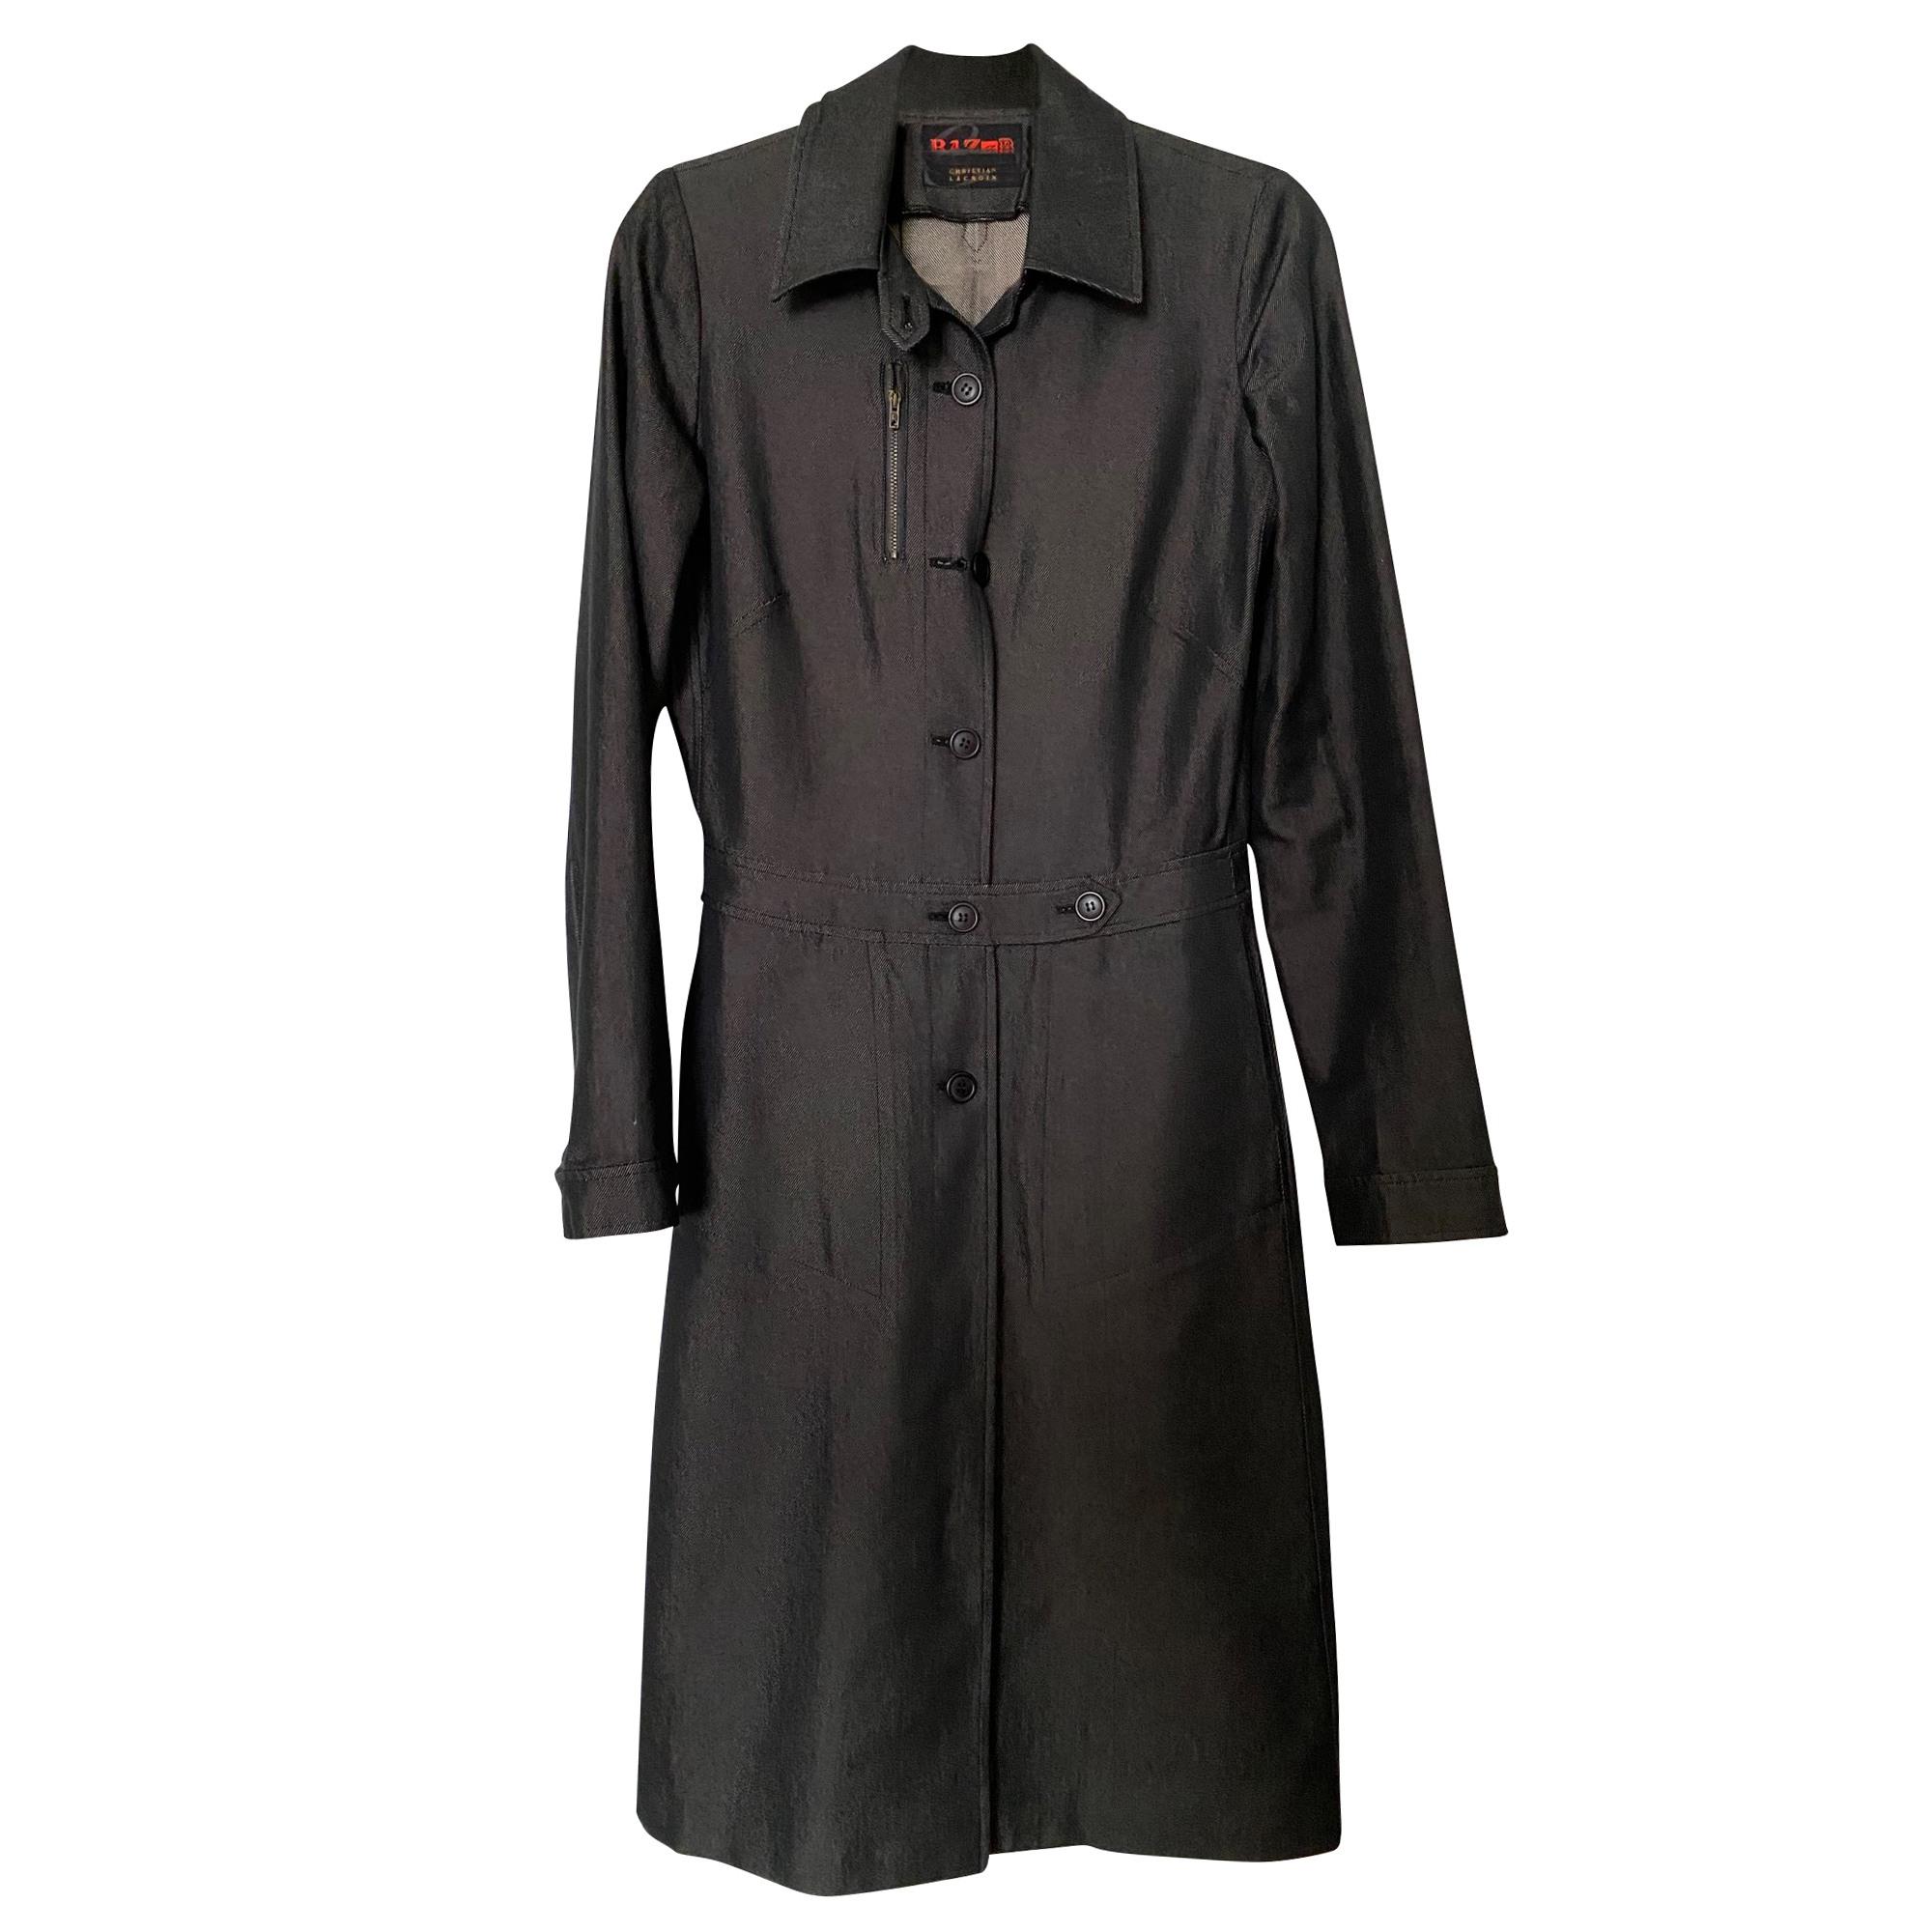 Manteau en jean CHRISTIAN LACROIX Noir irisré